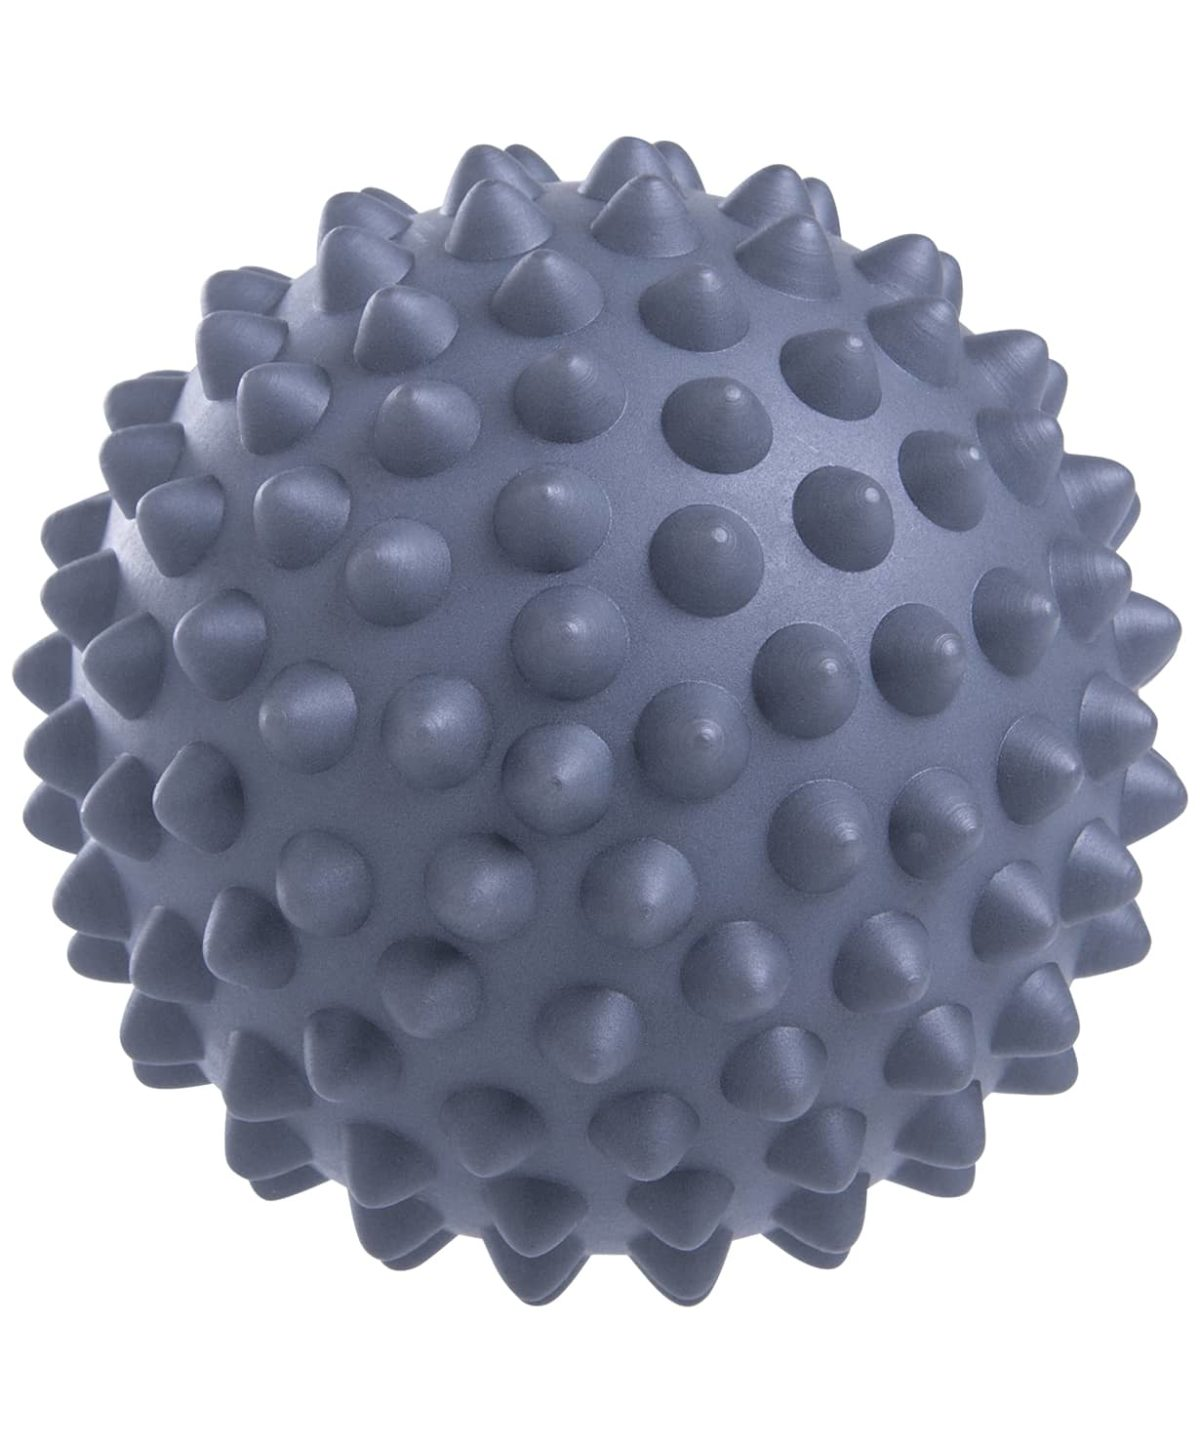 STARFIT Мяч для МФР, массажный 9 см  RB-201 - 1